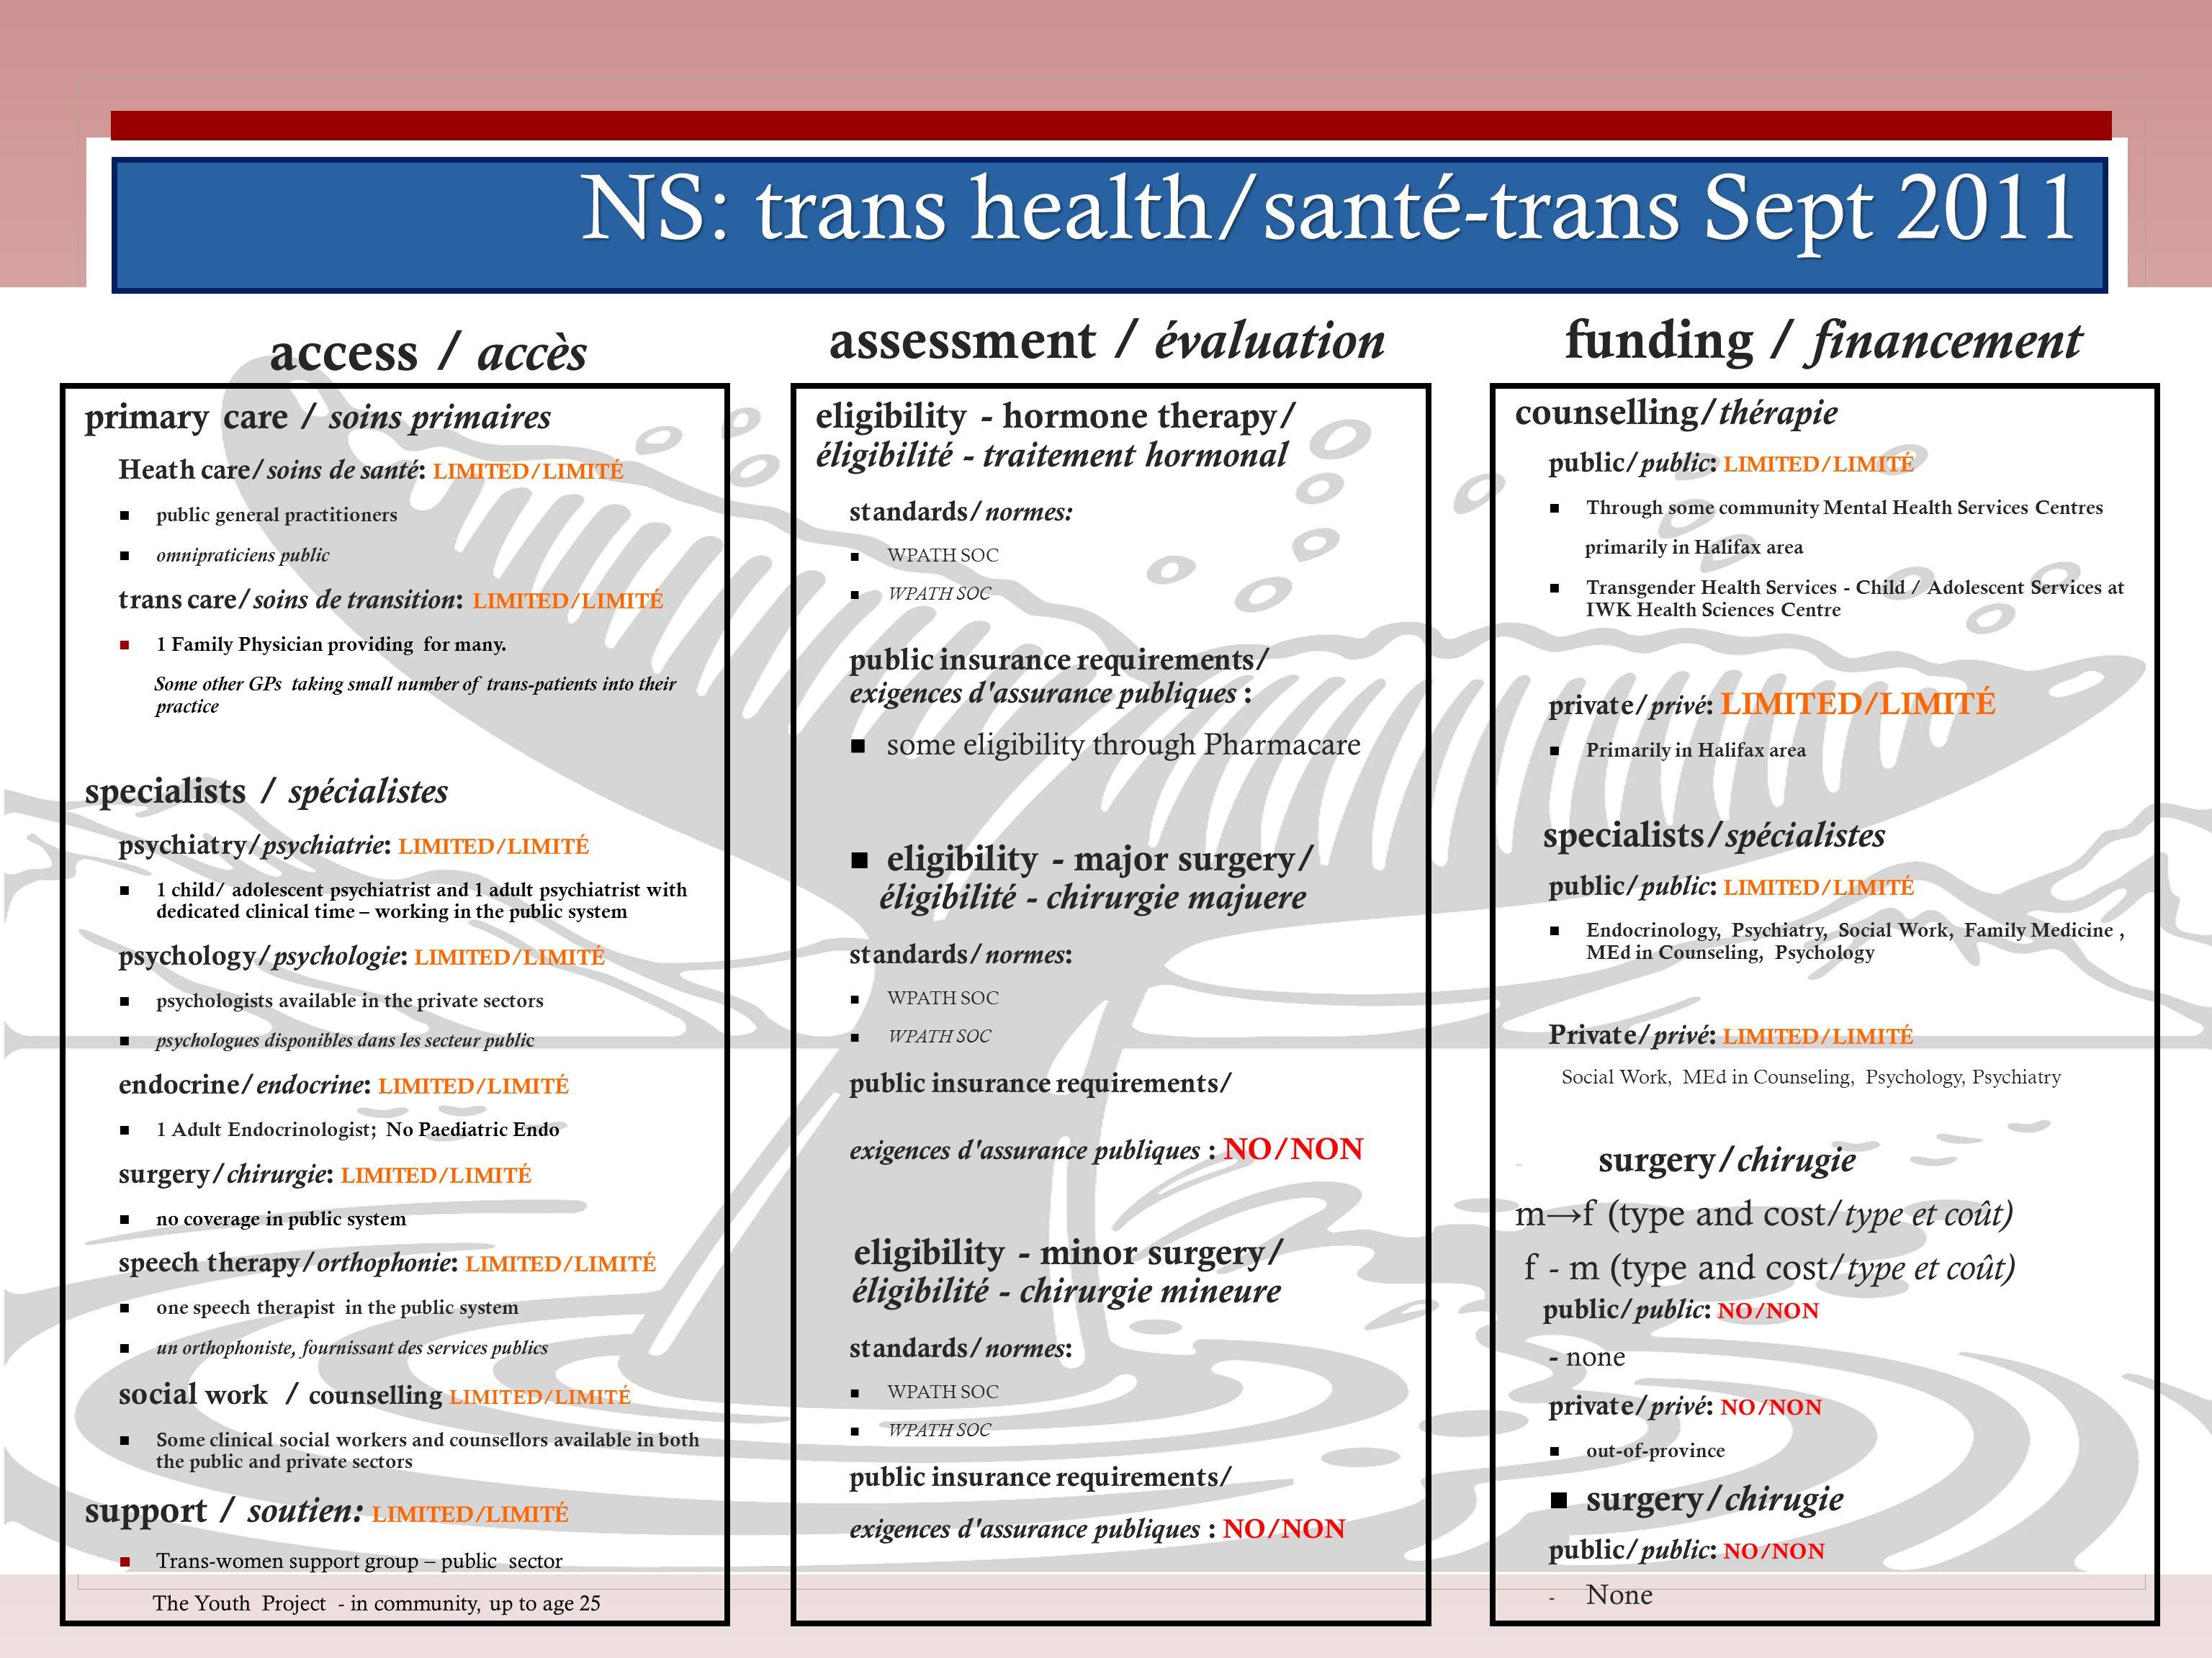 NS: trans health/santé-trans Sept 2011